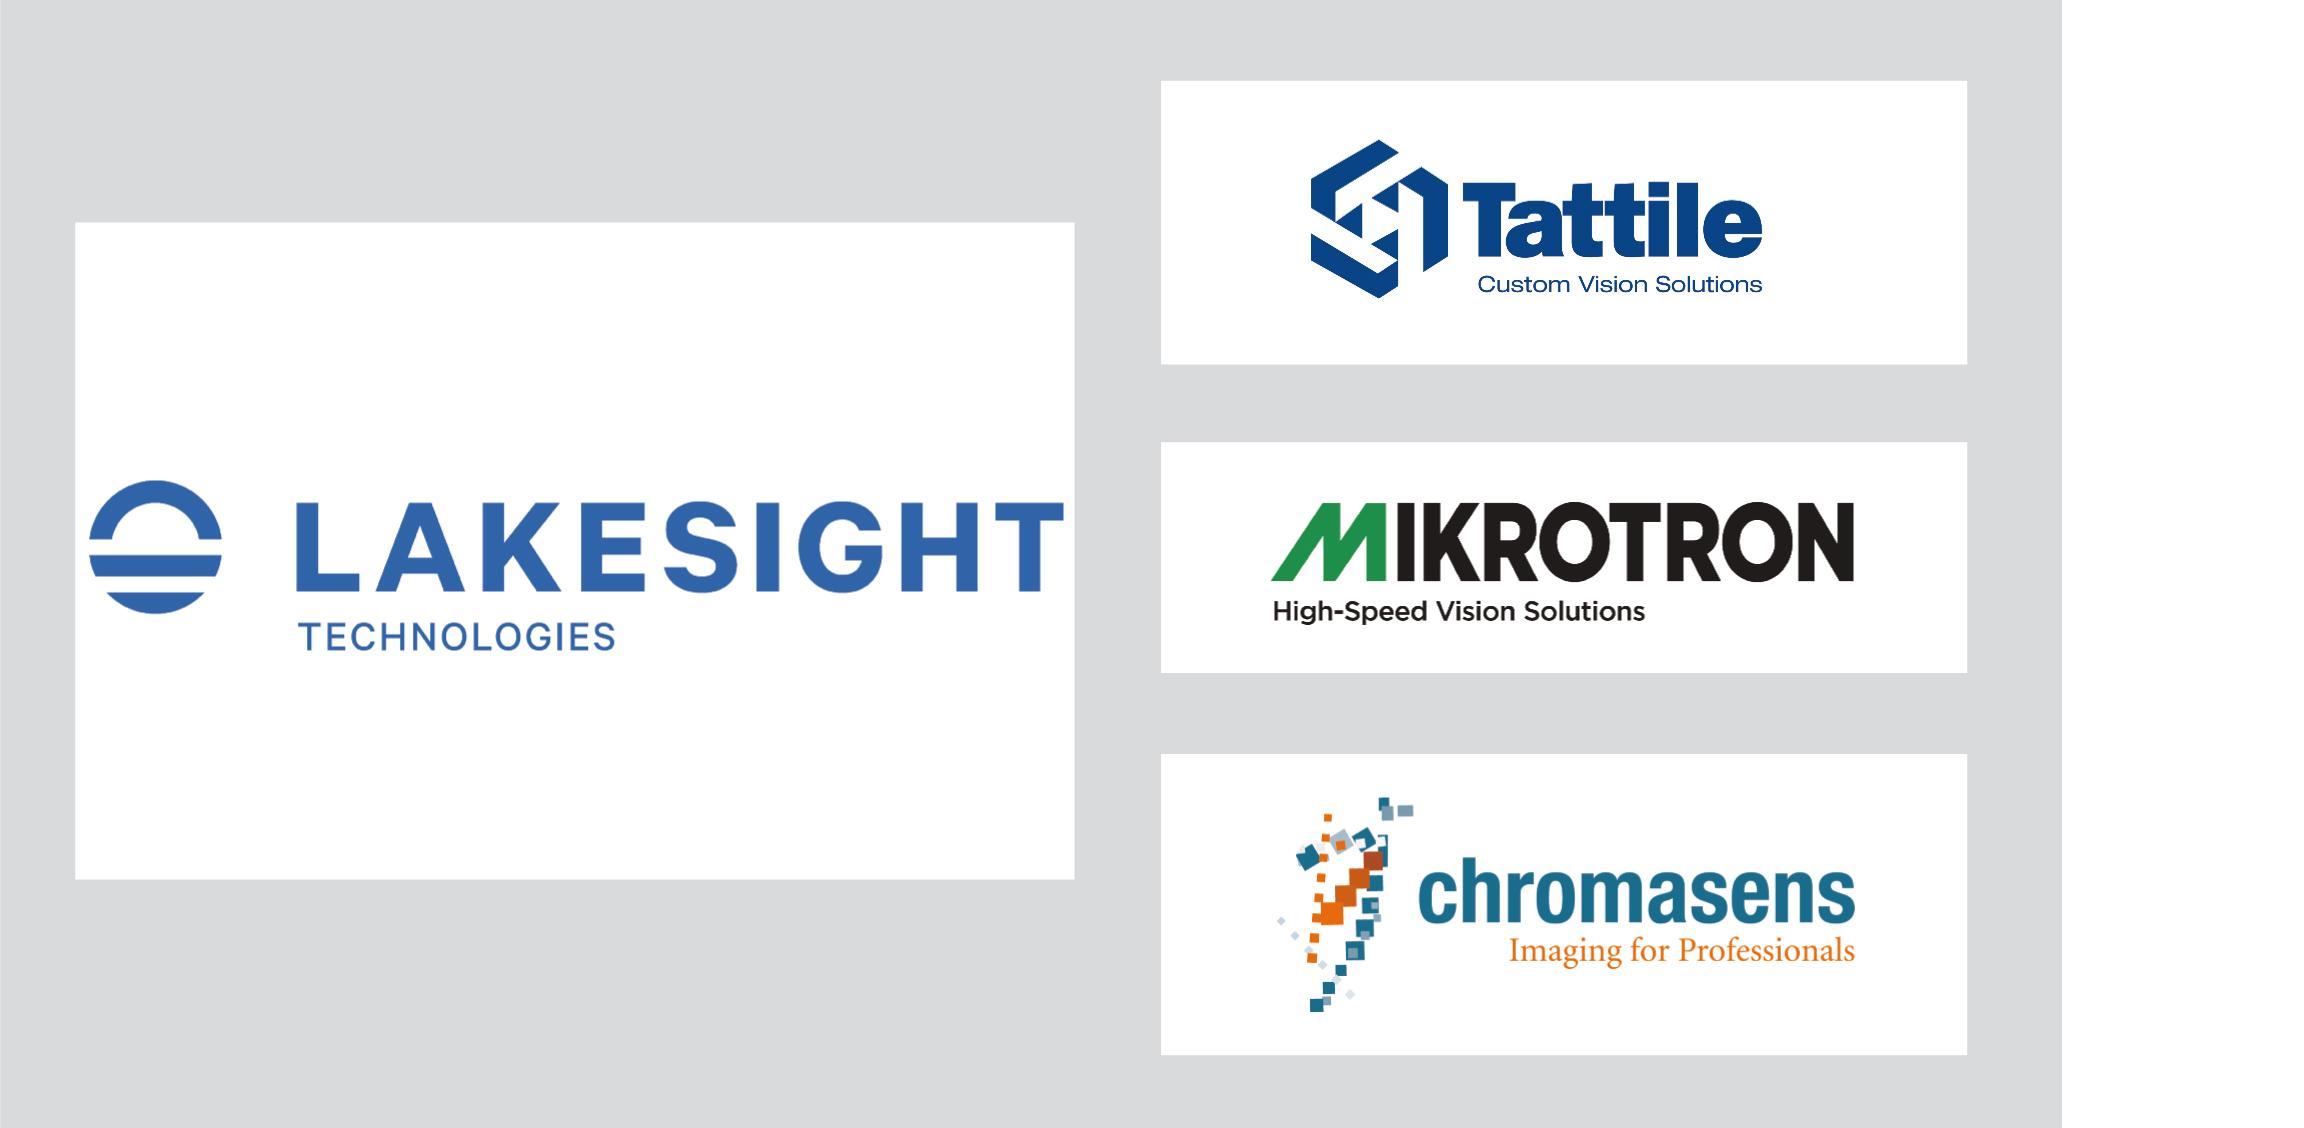 (Bilder: Lakesight Technologies Holding GmbH, Chromasens GmbH, Mikrotron GmbH, Tattile s.r.l.)